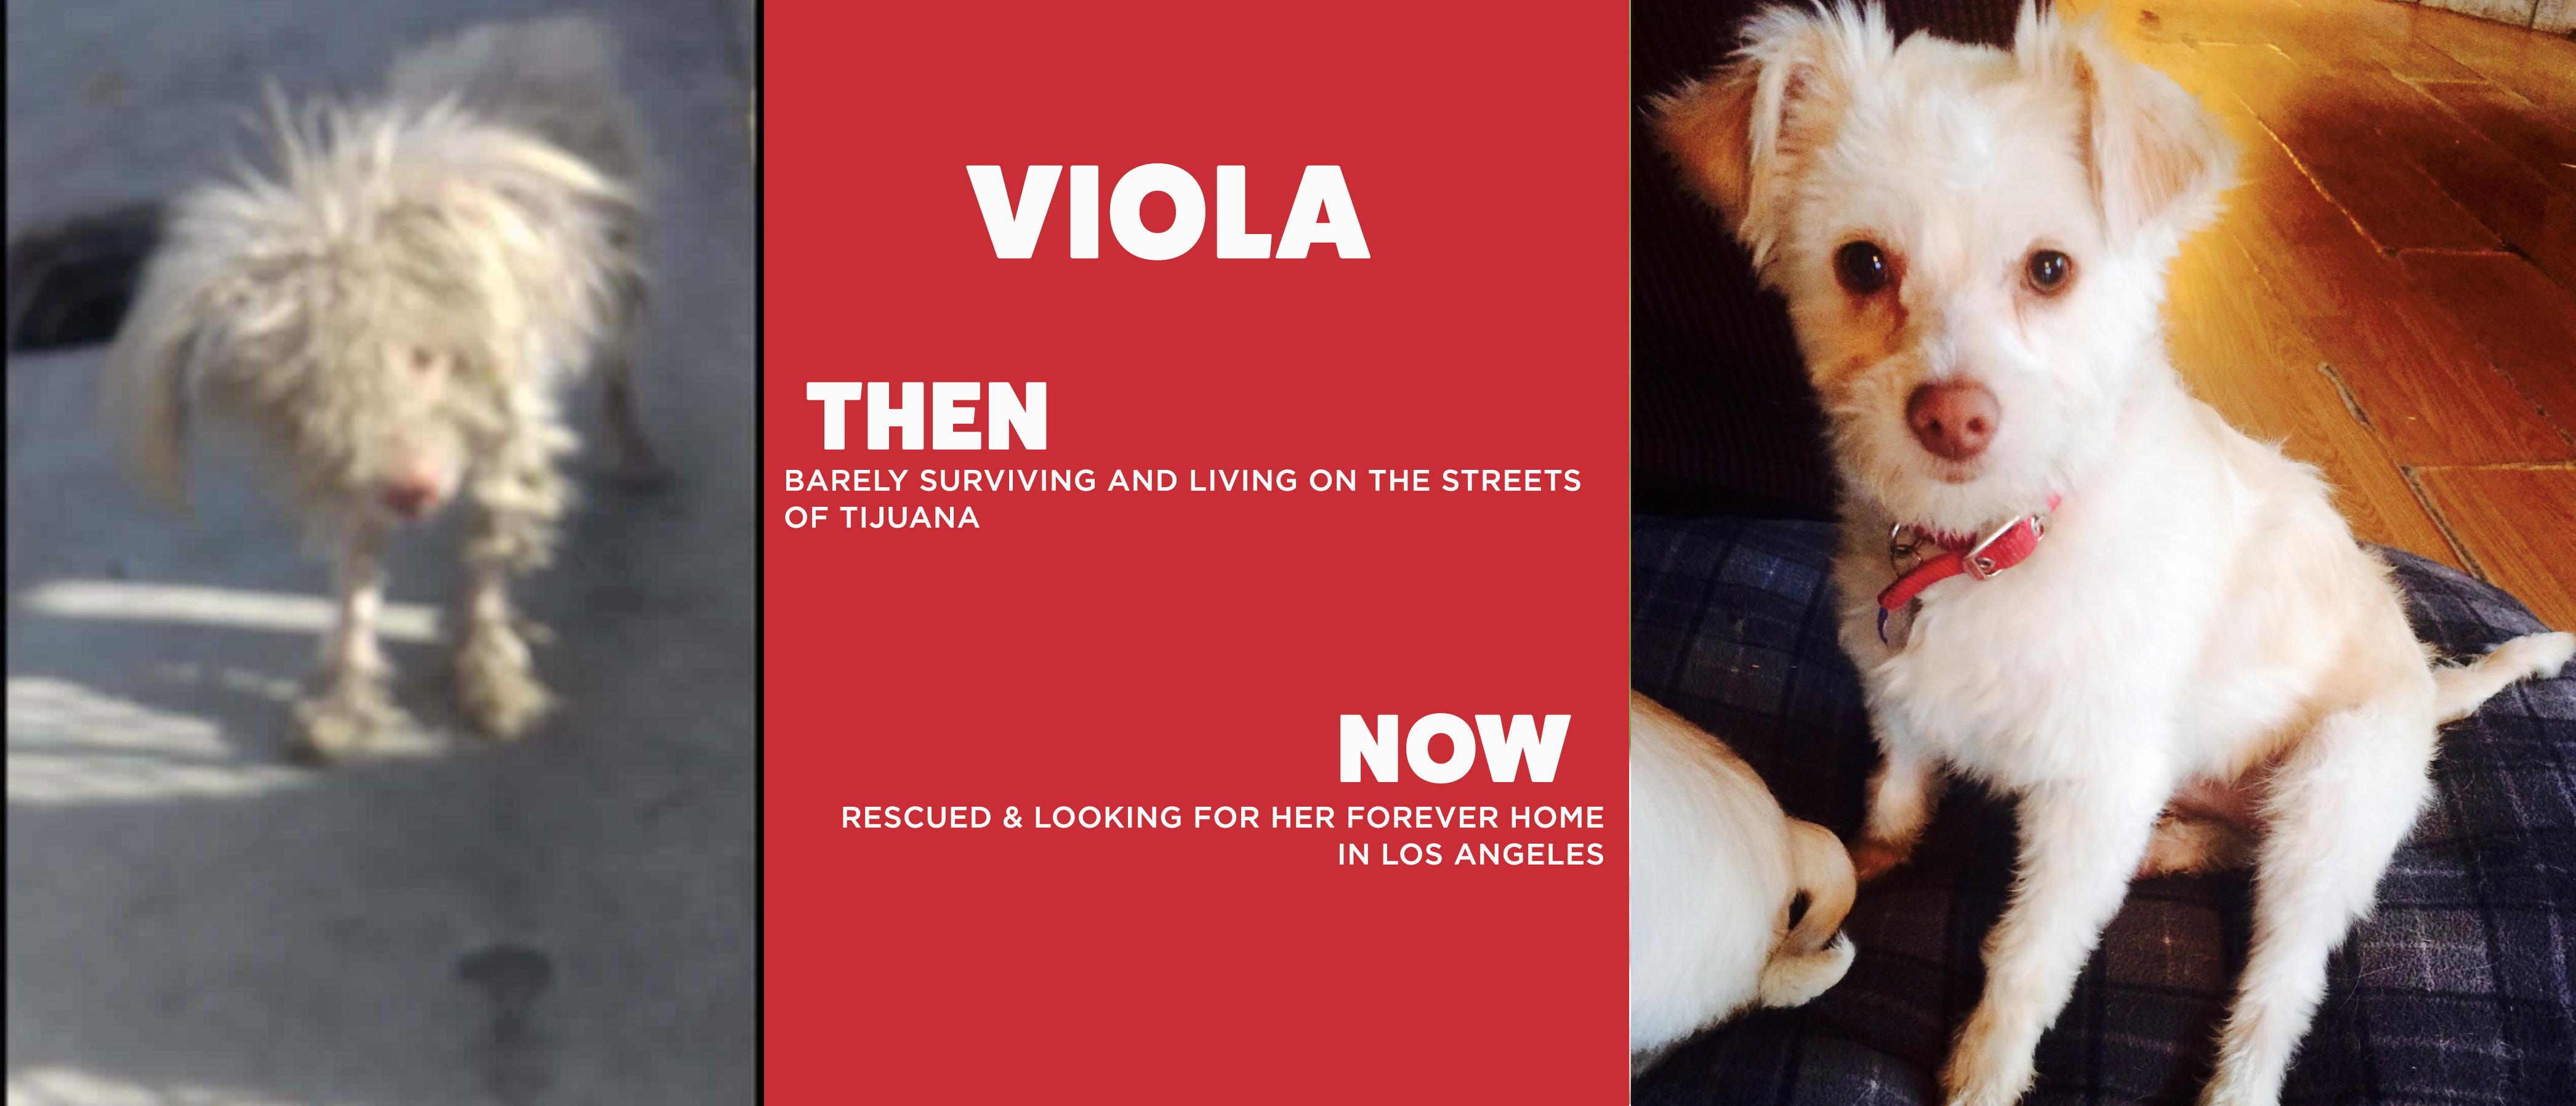 Viola!